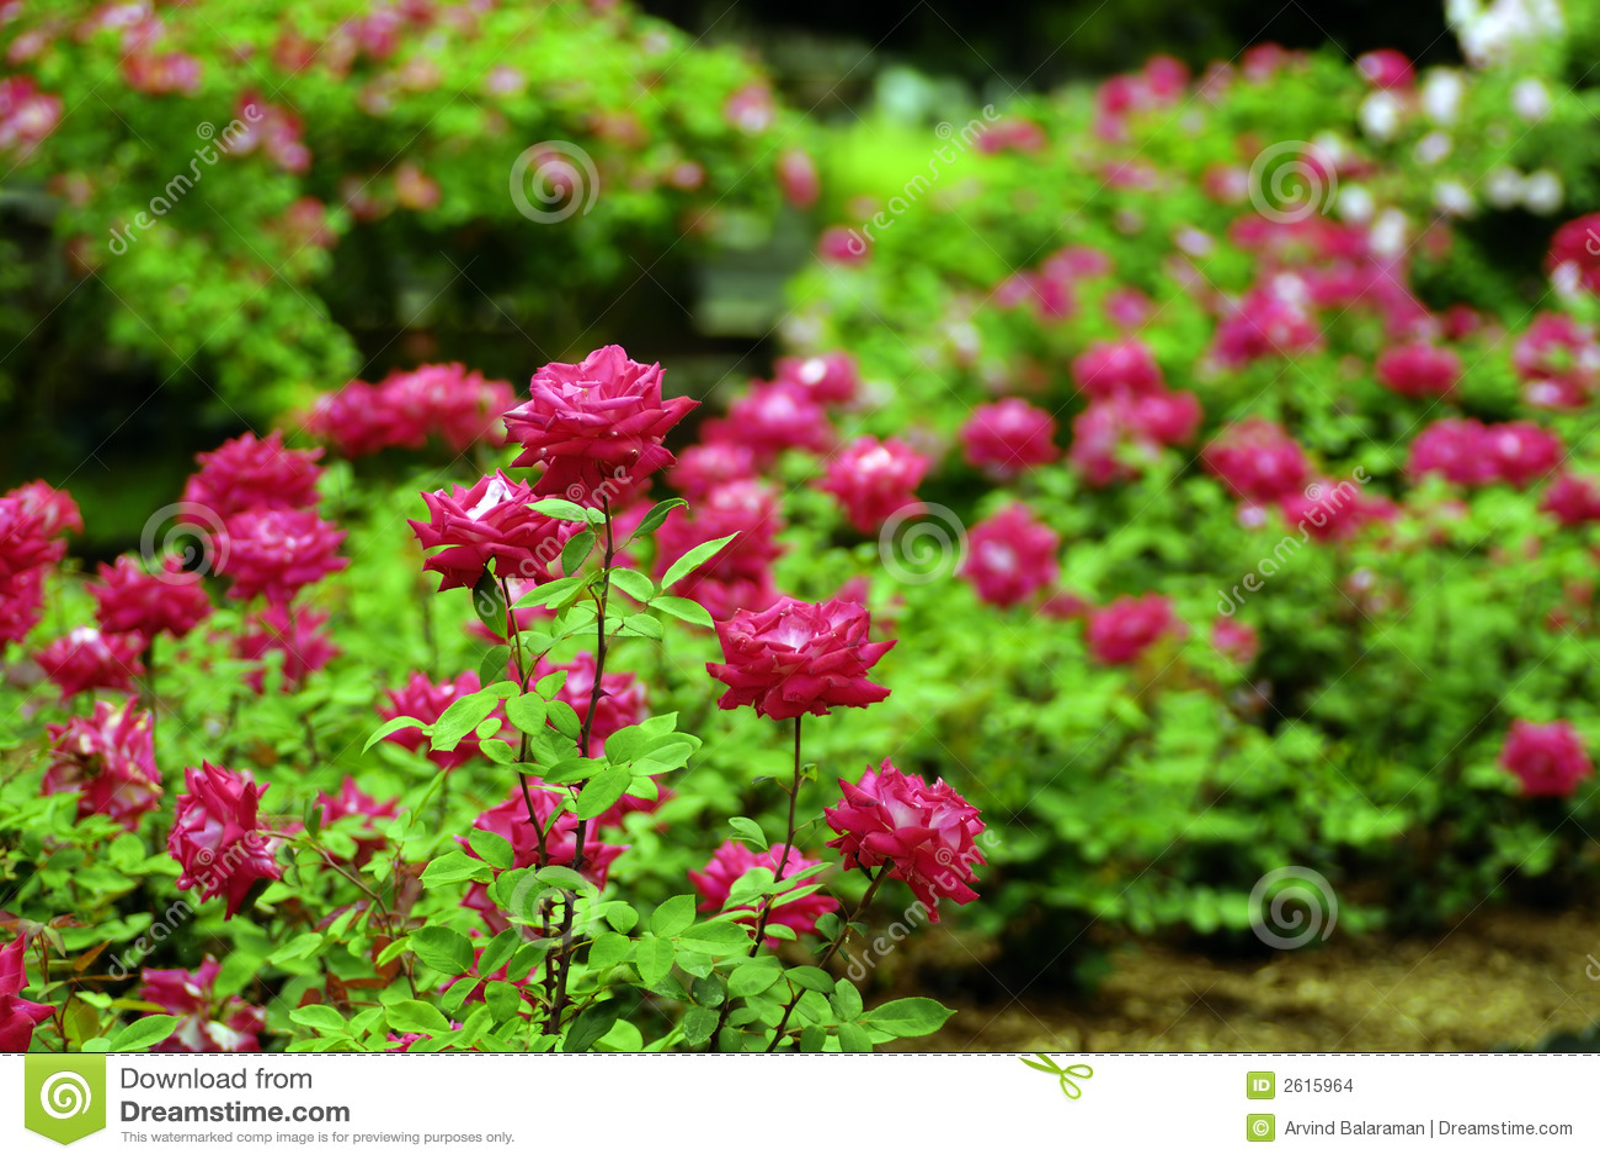 Jardim De Rosas Imagens de Stock  Imagem 2615964